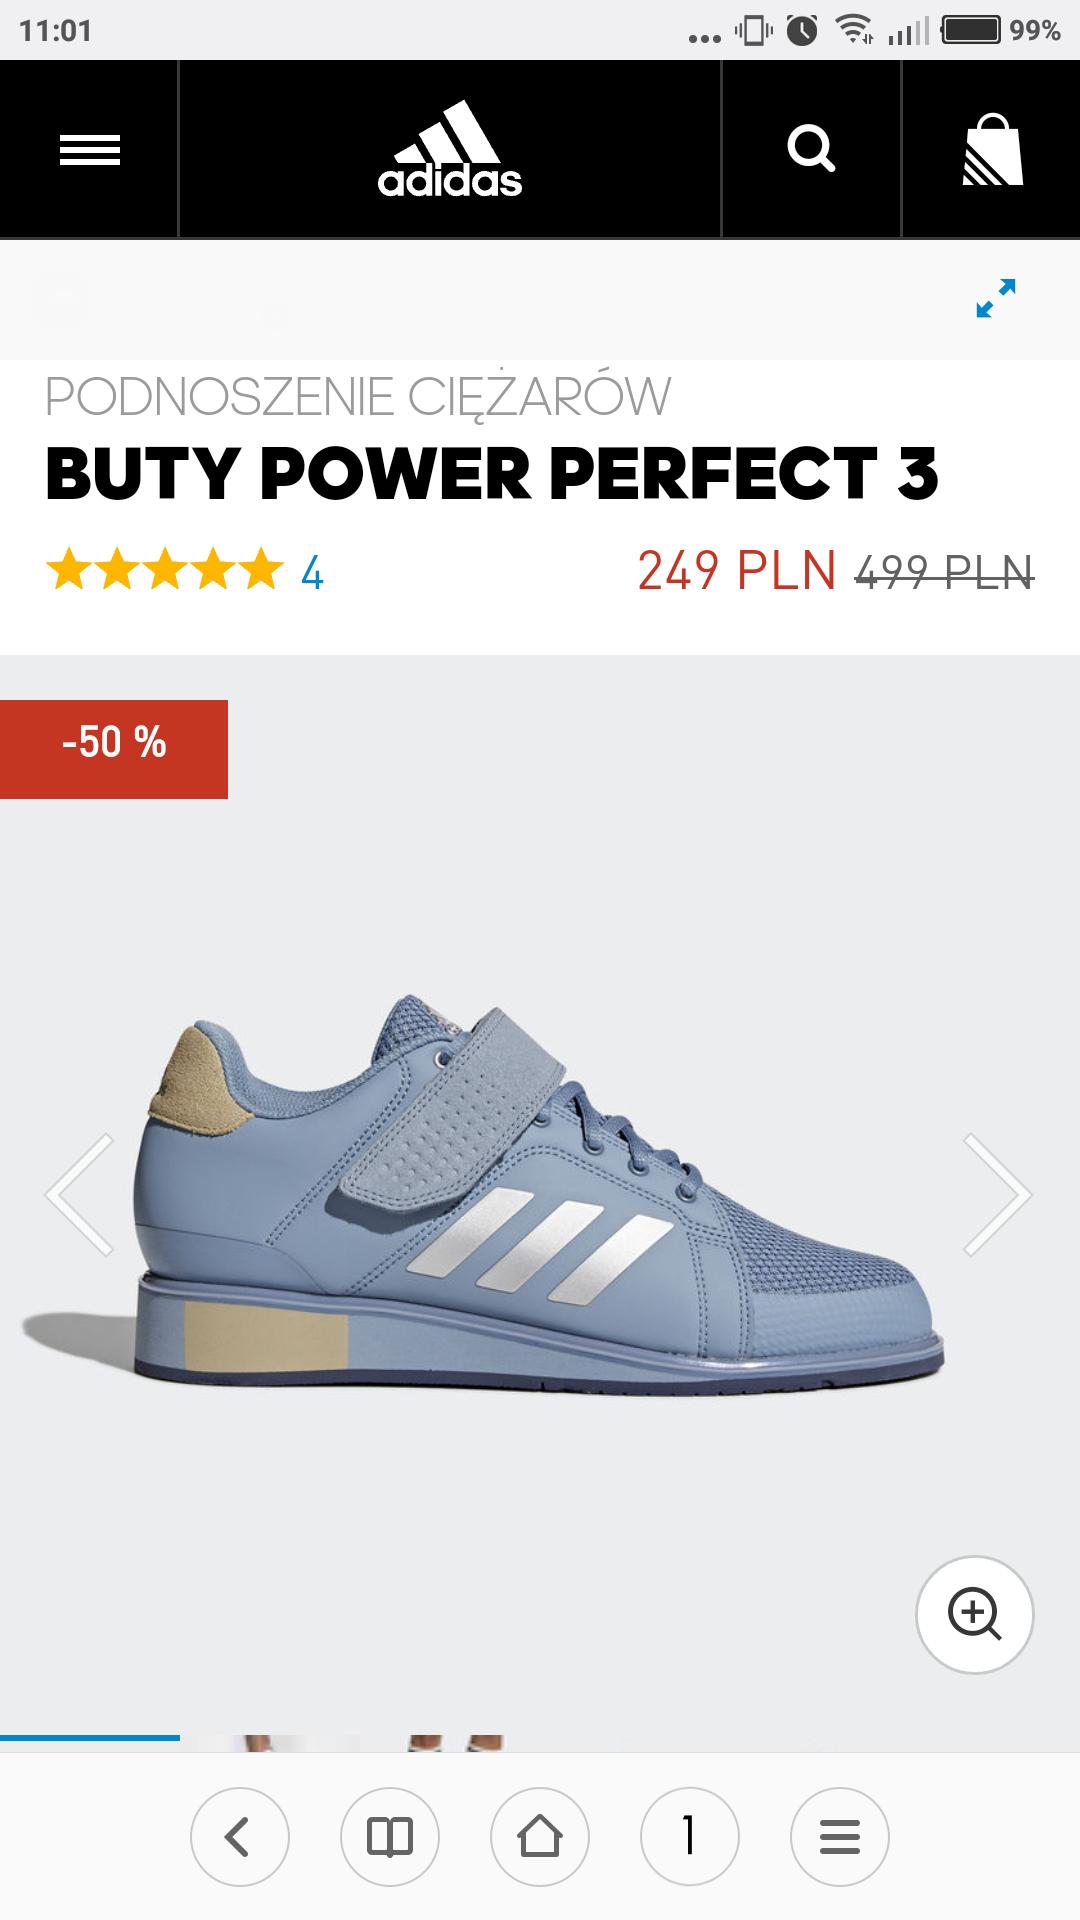 Adidas Power Perfect 3 buty do podnoszenia ciezarów